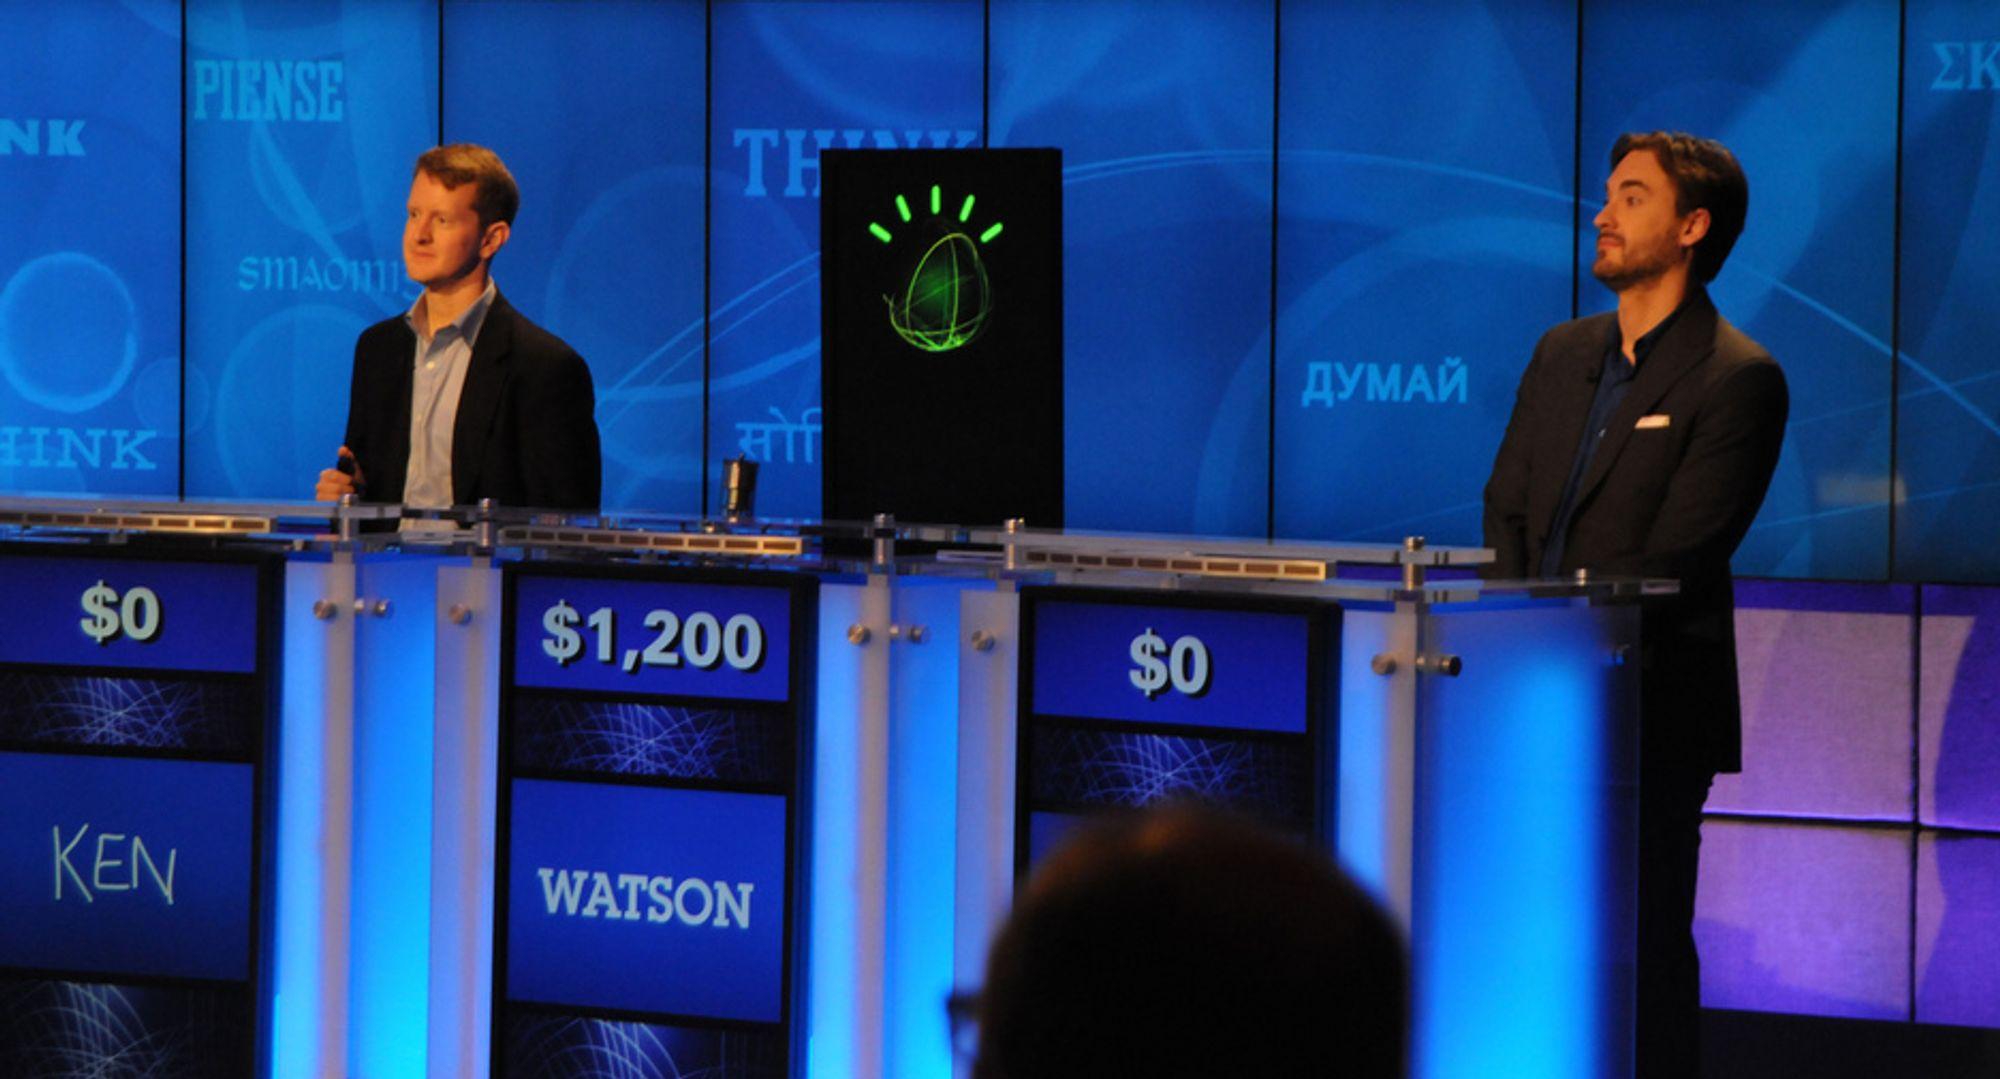 DATAKJEMPE: Den kraftige datamaskinen Watson danket ut drevne deltakere i tv-quizzen Jeopardy. Nå skal den hjelpe leger å stille diagnose og gi rett dose medisiner.